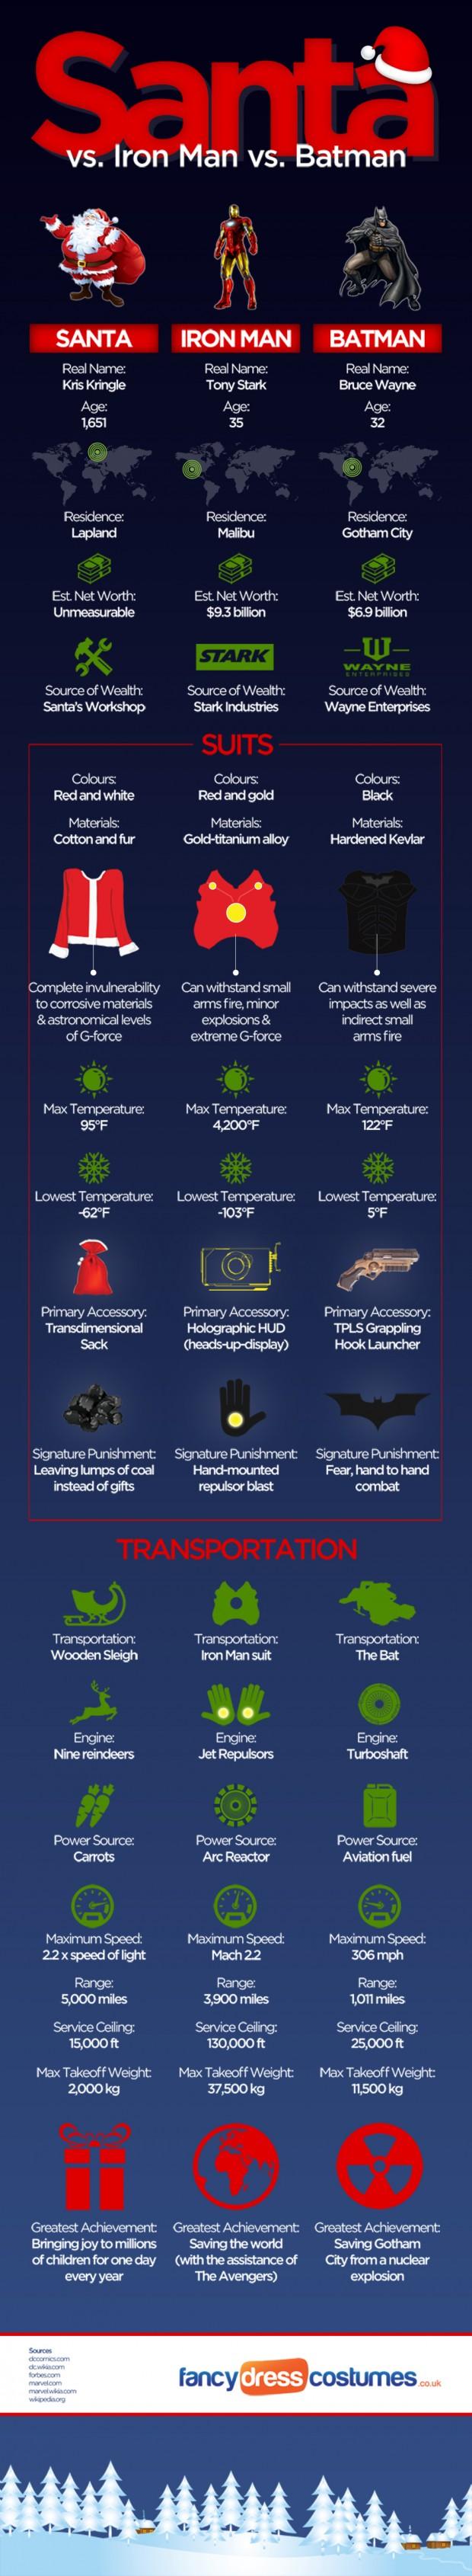 Santa-v-Ironman-v-Batman-infographic-1000